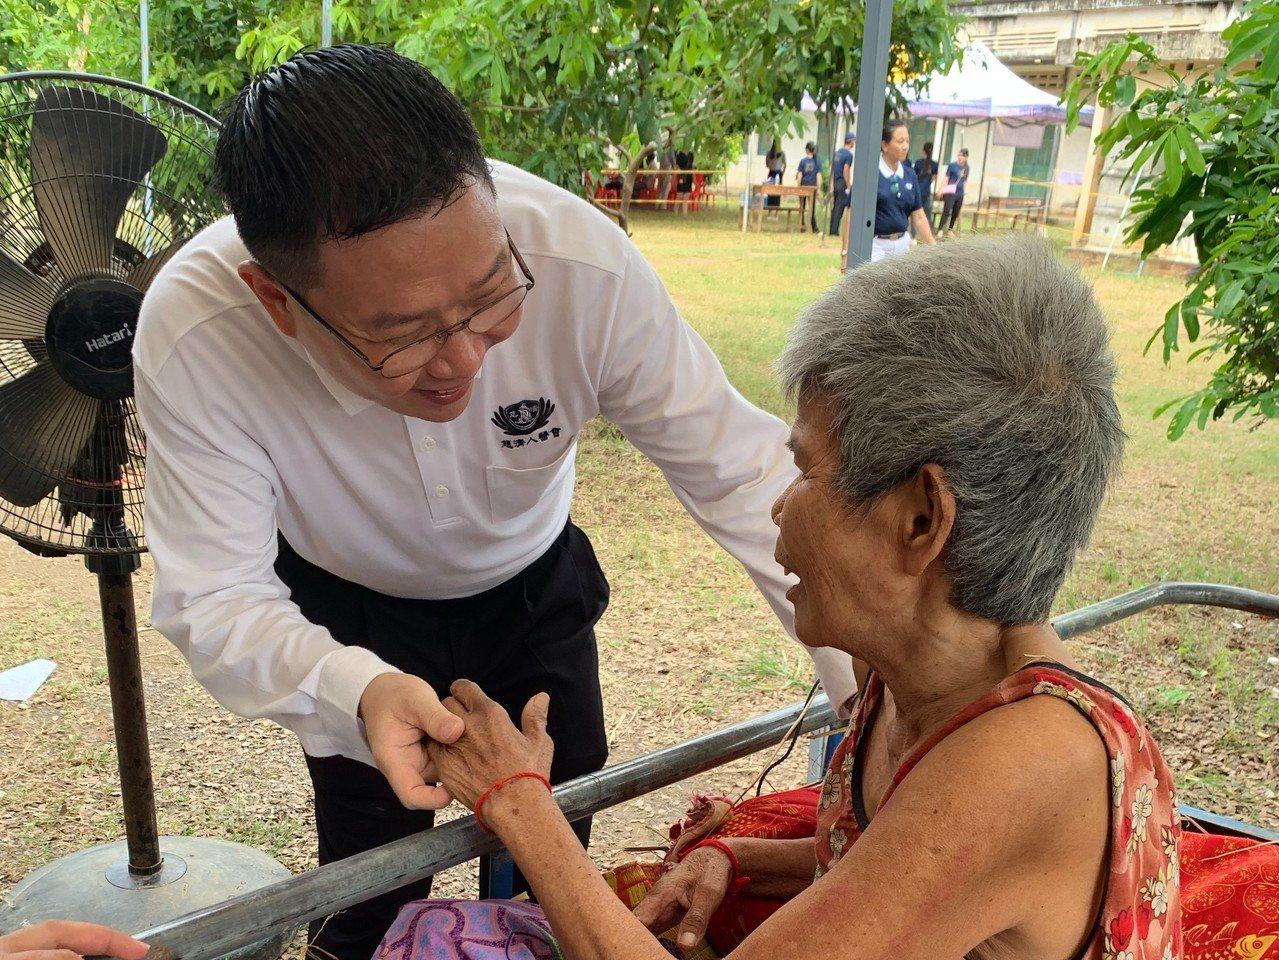 馬來西亞王玟富醫師(左)為中風的老奶奶針灸治療,老奶奶發現自己可以說話,不斷向王...